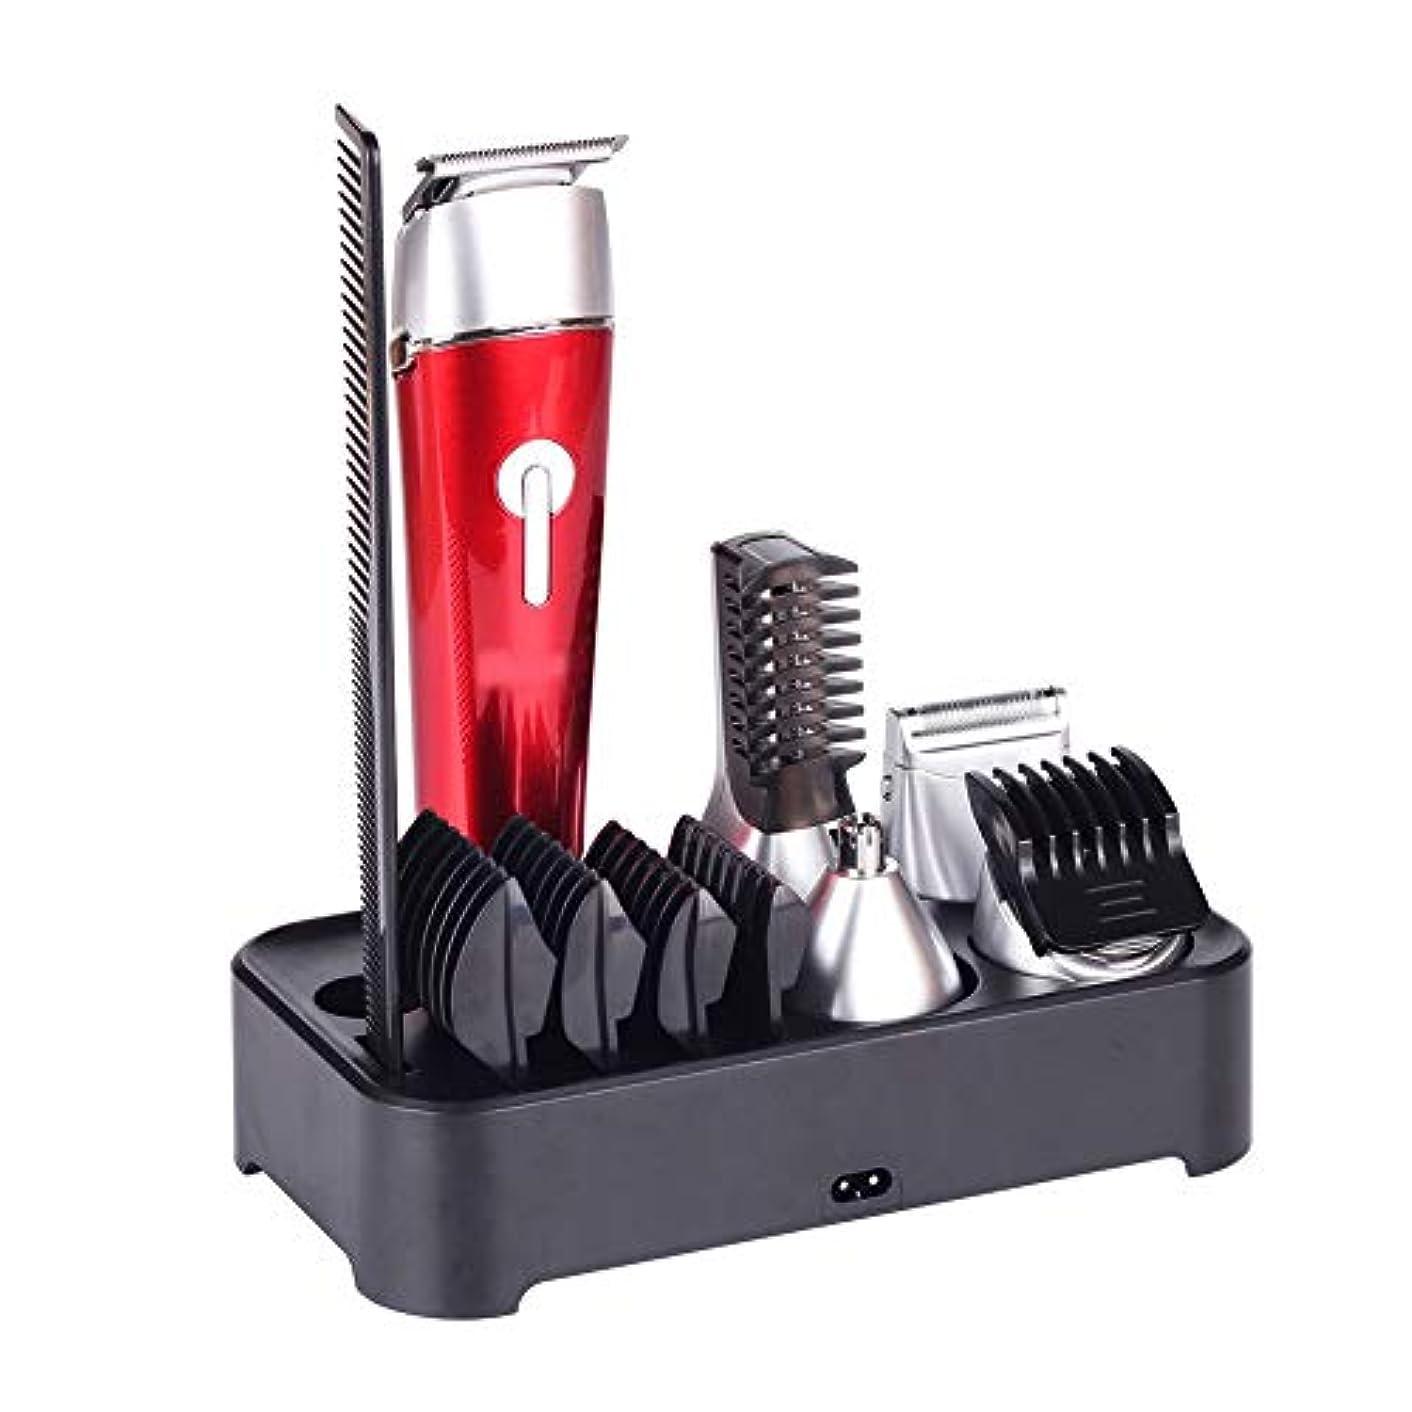 農業ワイプ冷蔵庫5-IN-1トラベルプロフェッショナルグルーミングキット、バリカン/シェーバー/脱毛器/鼻毛トリマー/角度ナイフ,赤